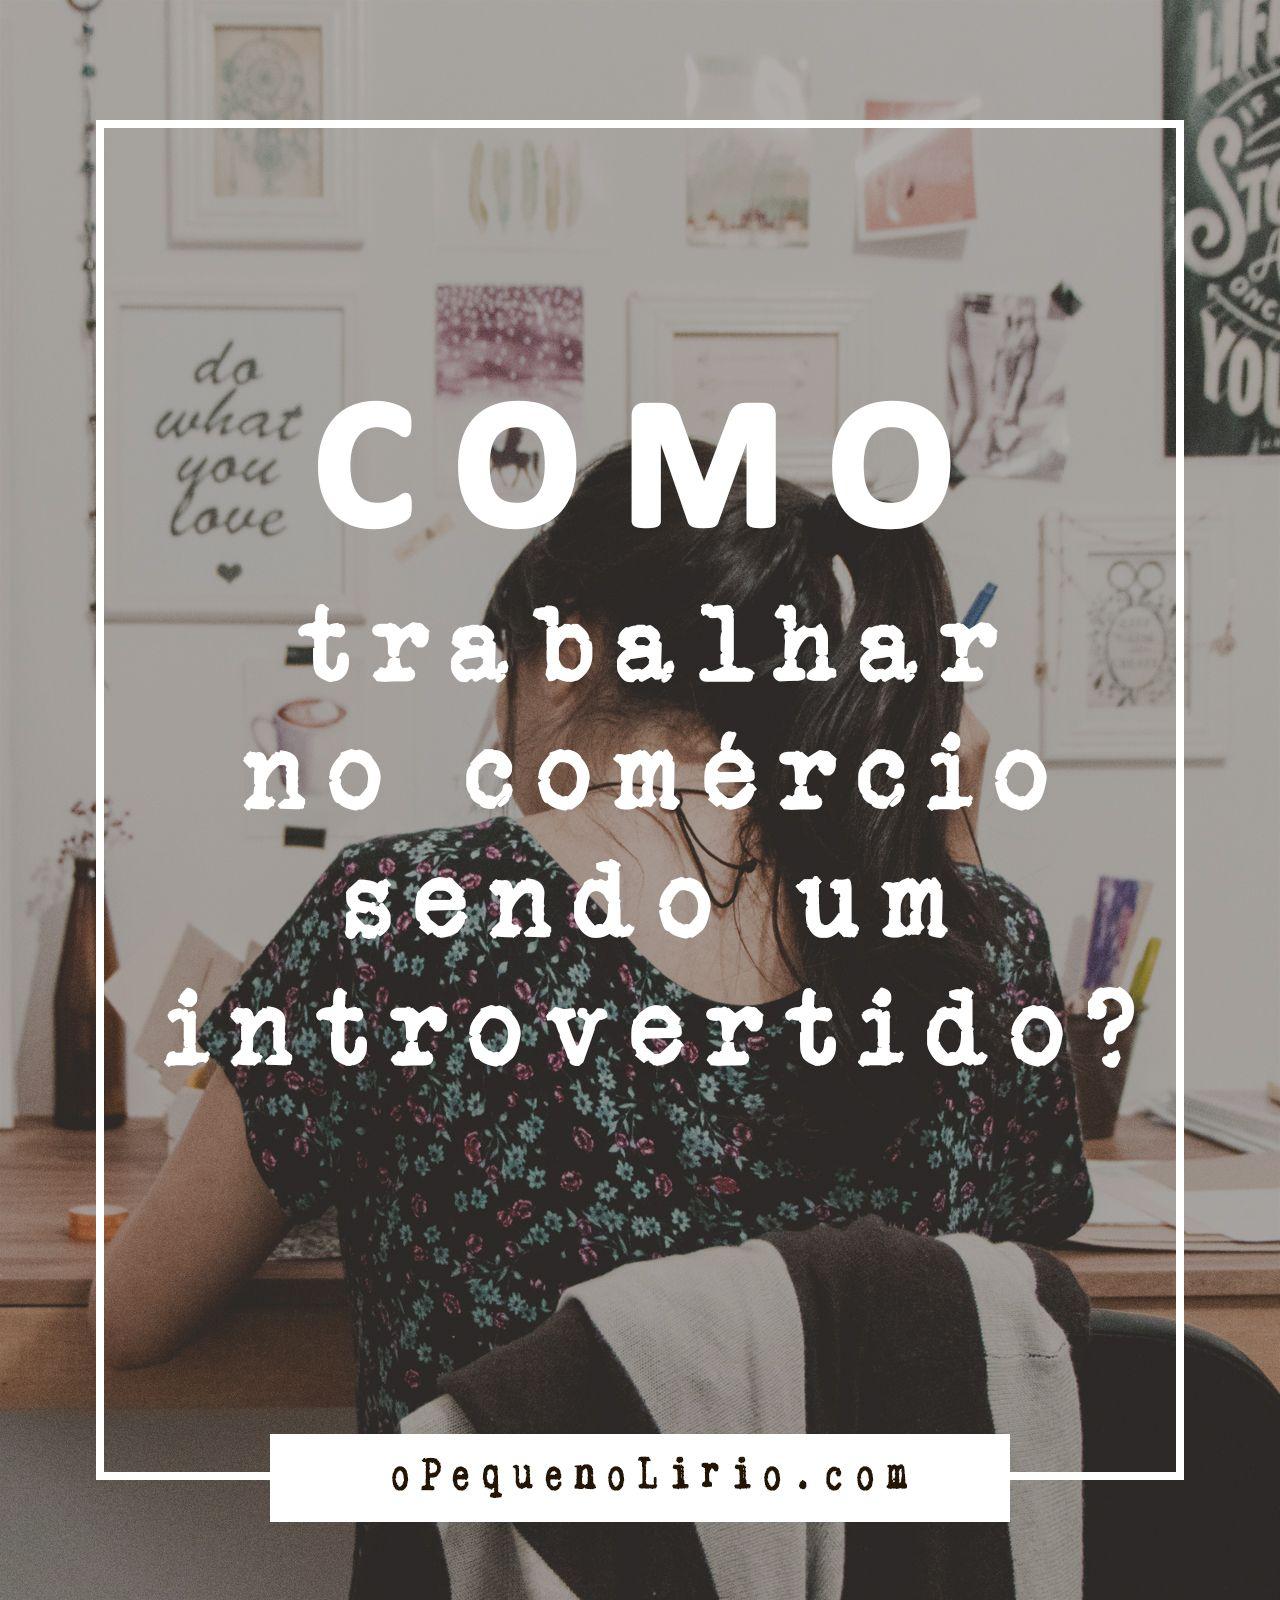 dicas de Como trabalhar no comércio sendo introvertido